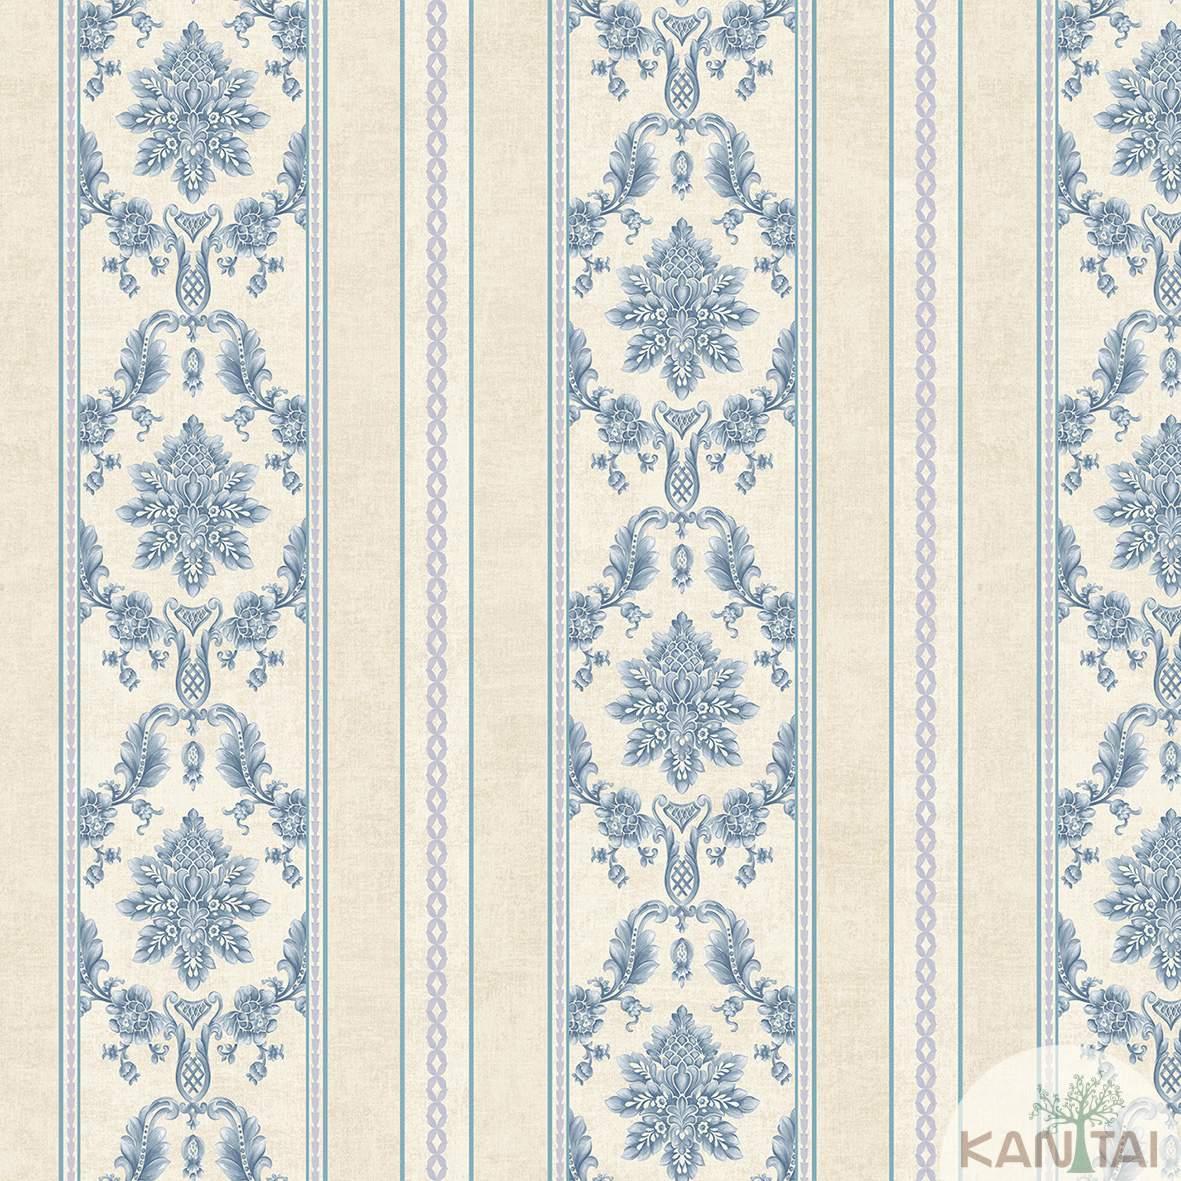 Papel de Parede Kan Tai TNT Coleção Flora 2 Arabesco Listras Bege, Azul anil, Baixo relevo